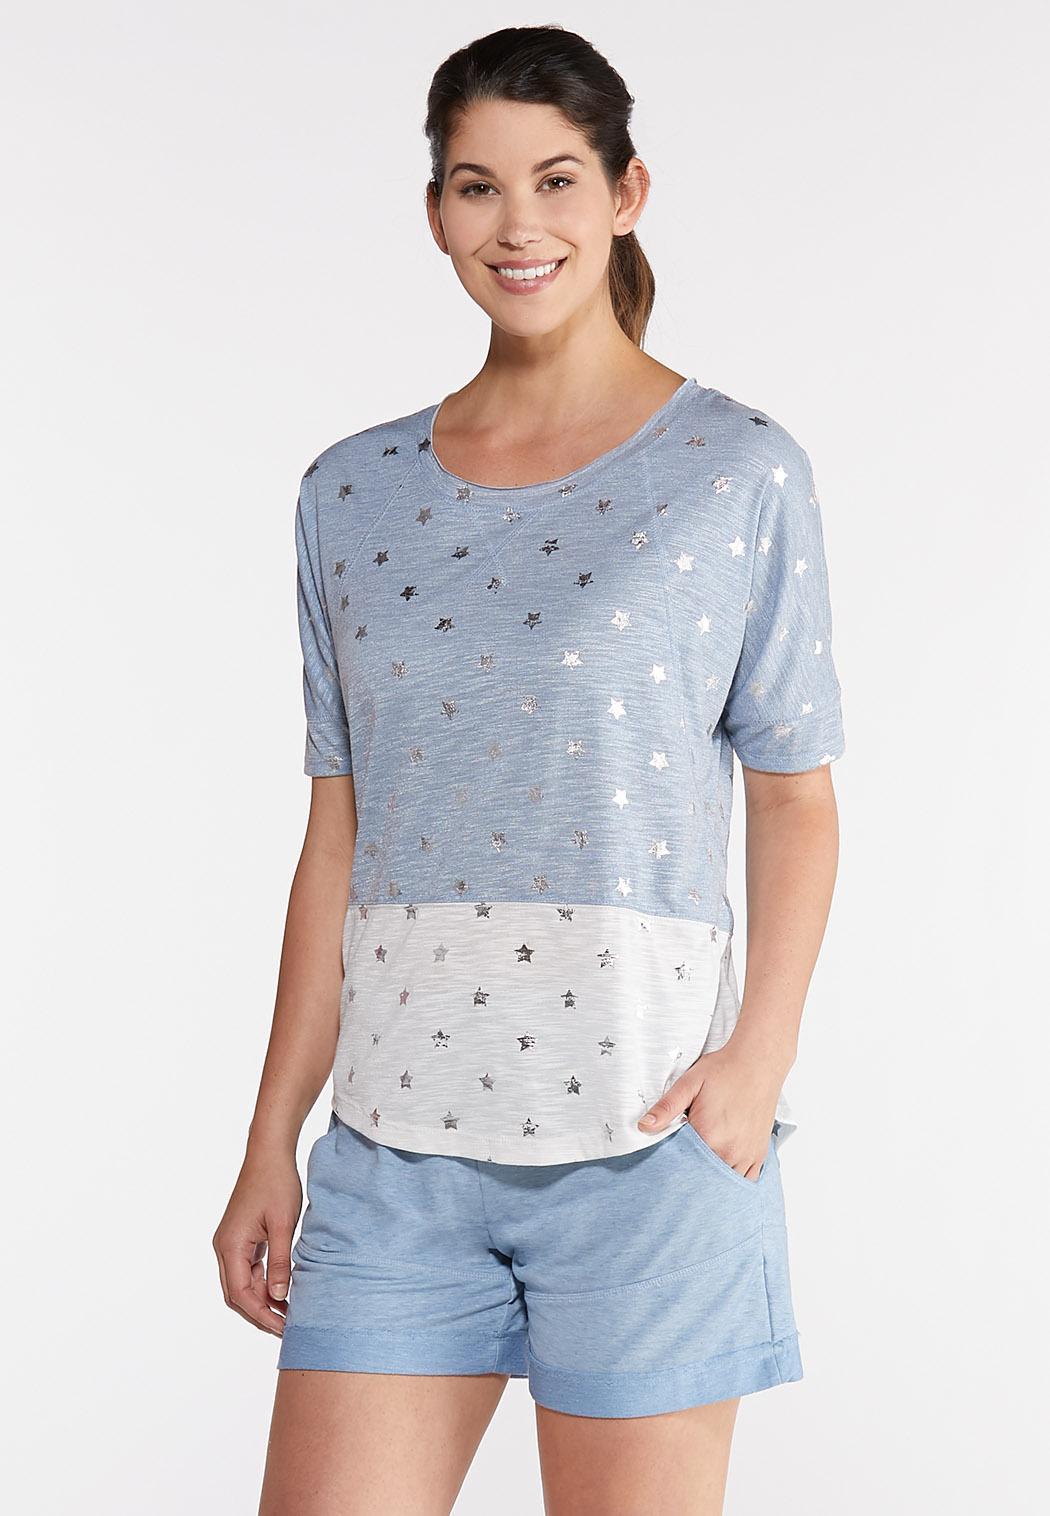 fb2b5d313da Plus Size Star Colorblock Tee Tops Cato Fashions